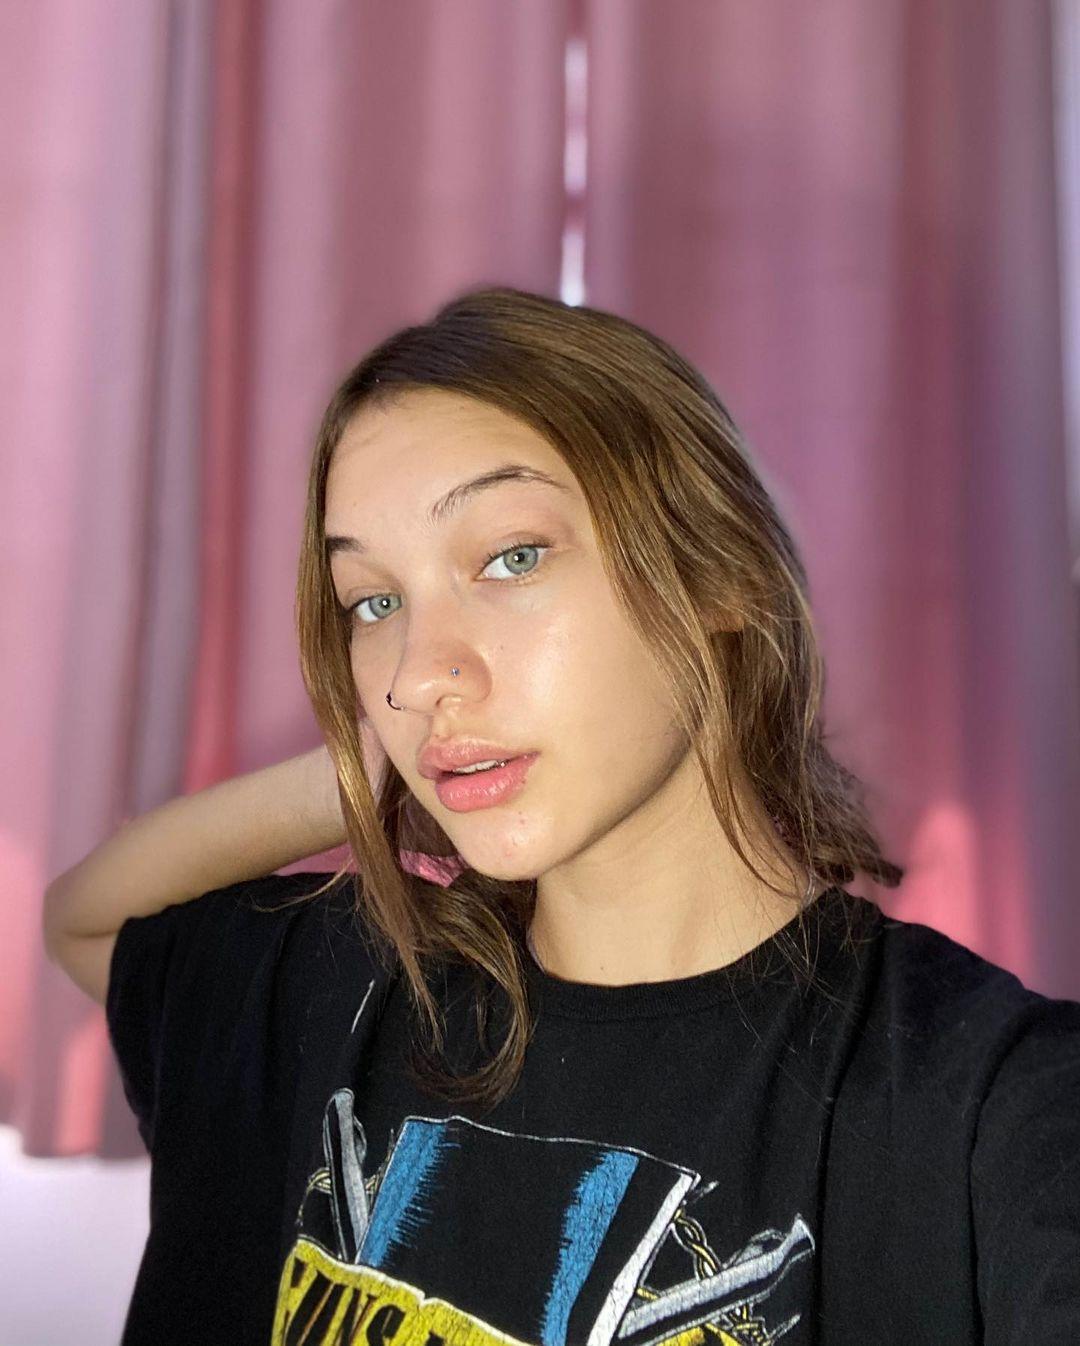 Halia-Beamer